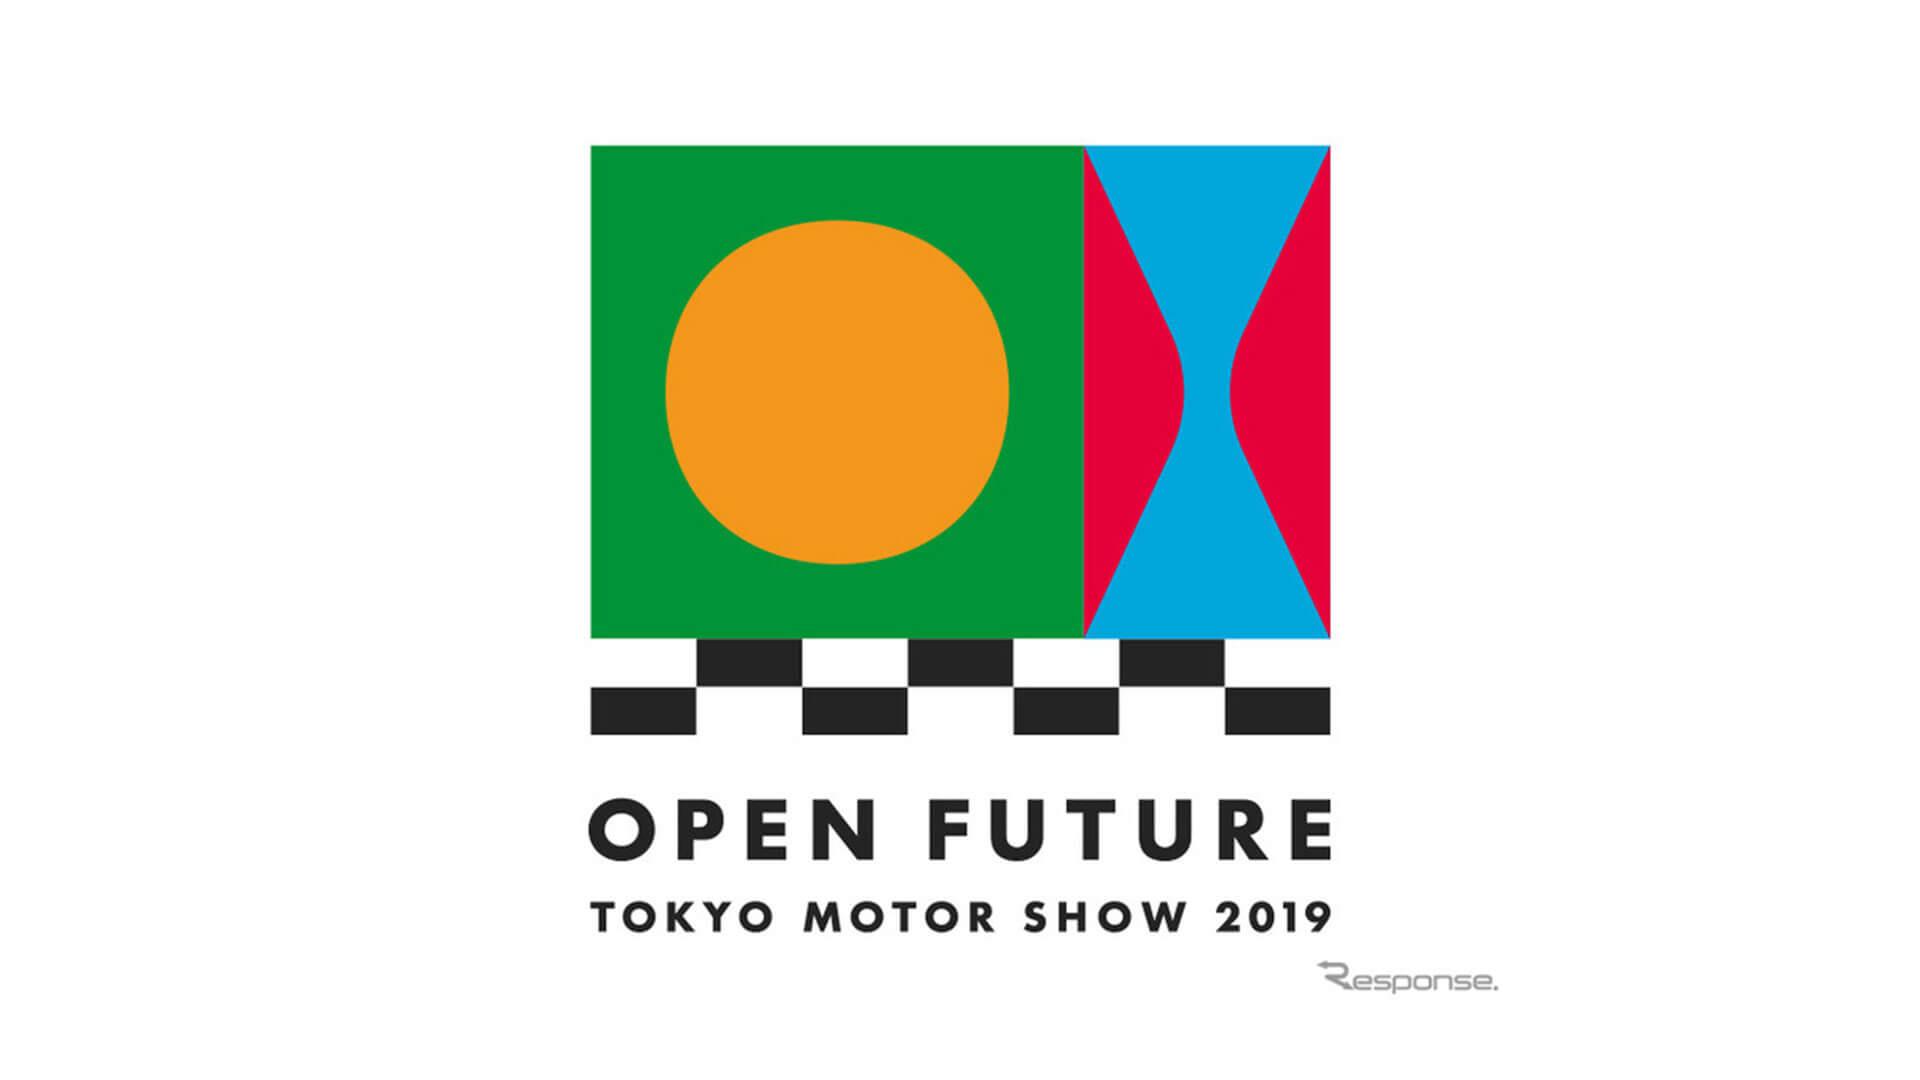 来場者を100万人に倍増させた東京モーターショーのPR戦略車愛好家向けイベントから体験フェスへ